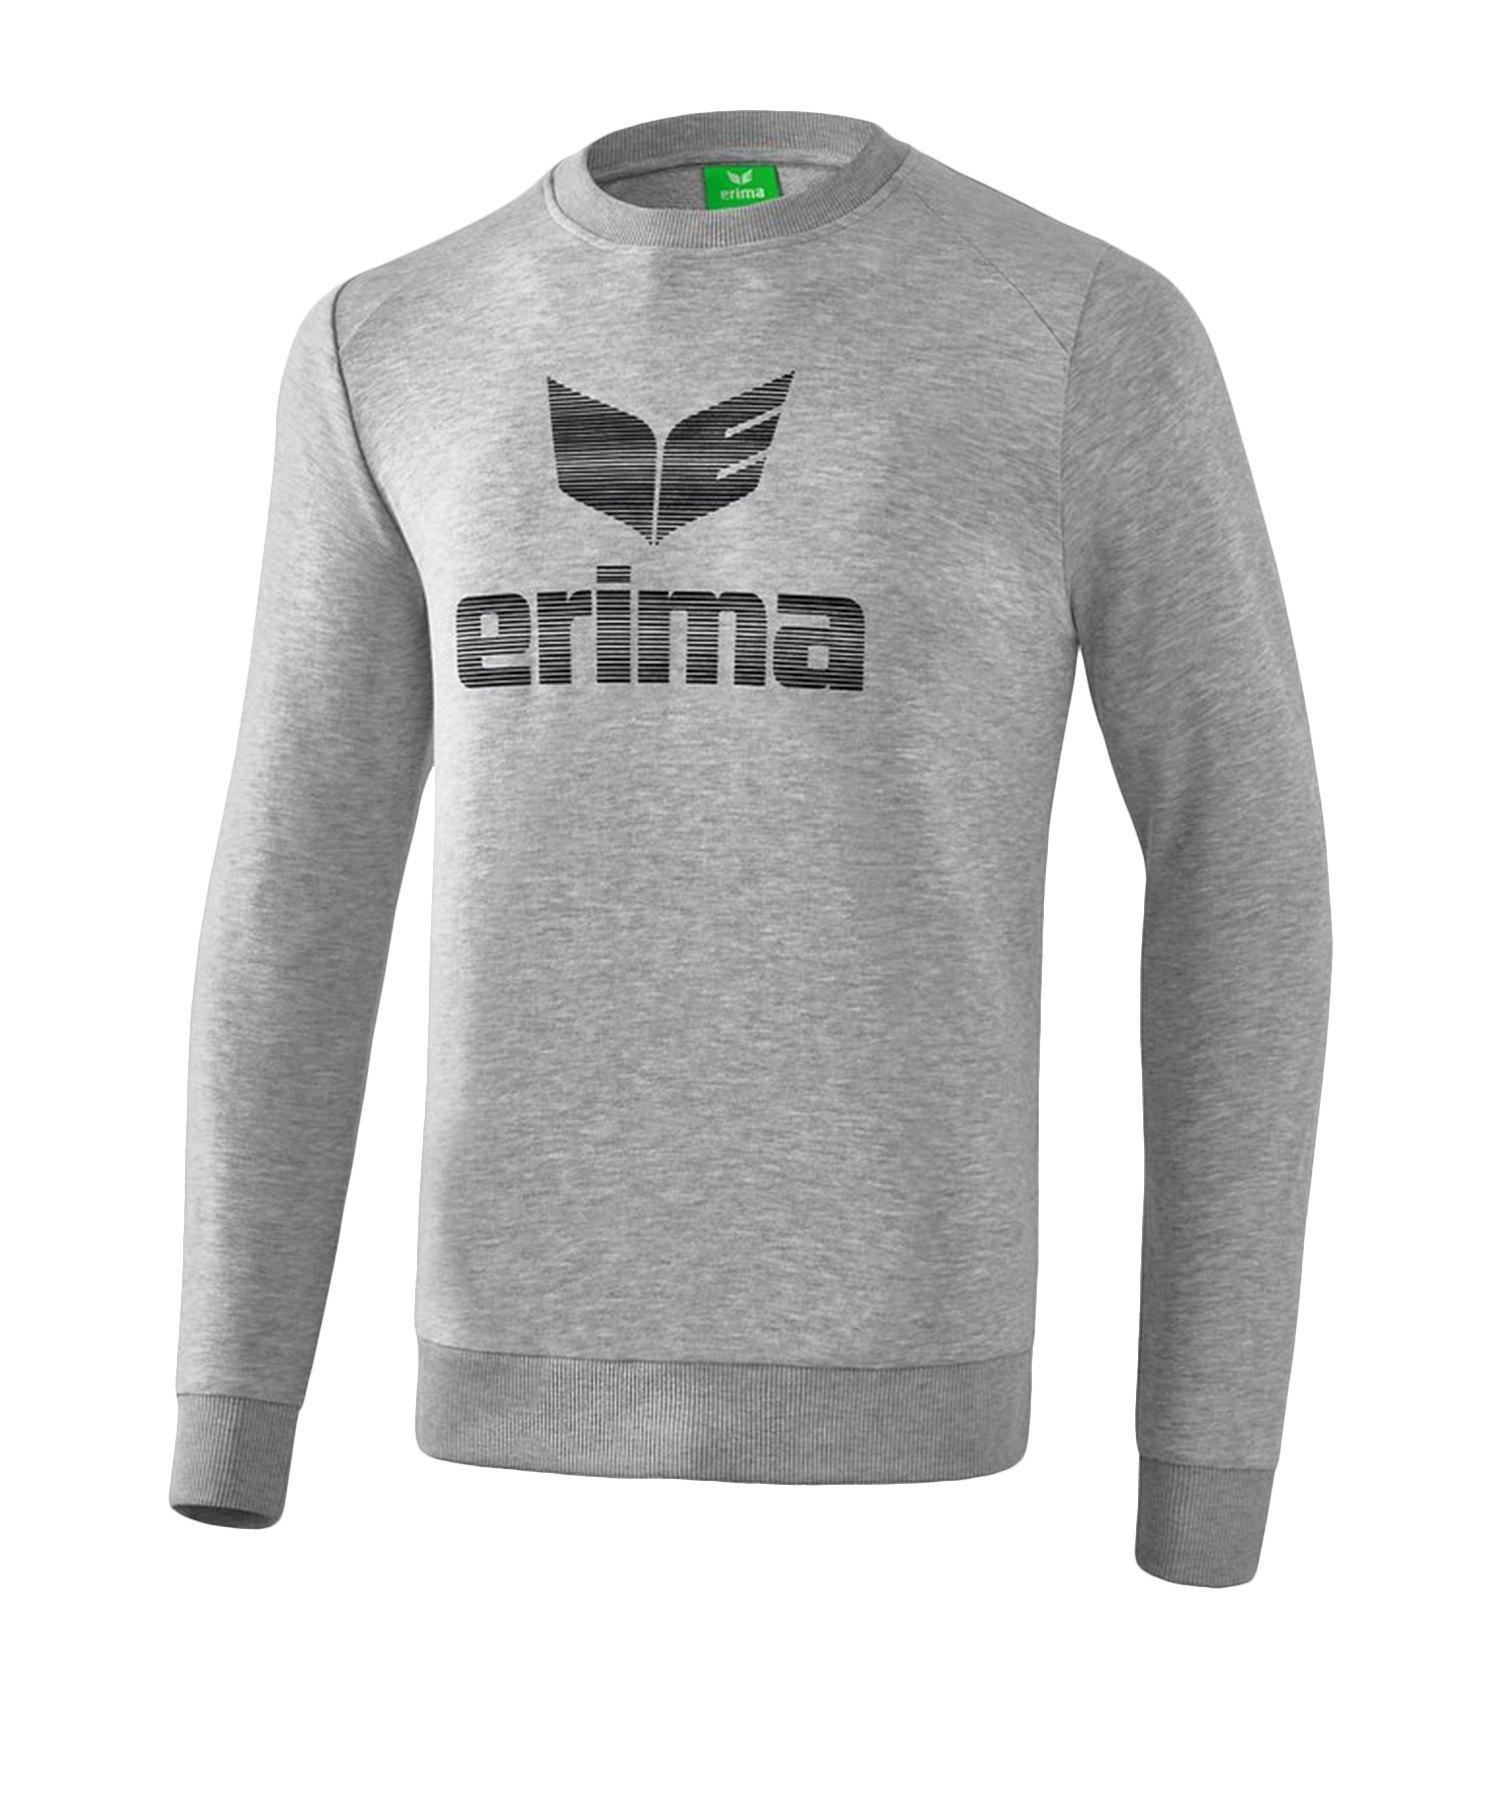 Erima Essential Sweatshirt Grau Schwarz - Grau